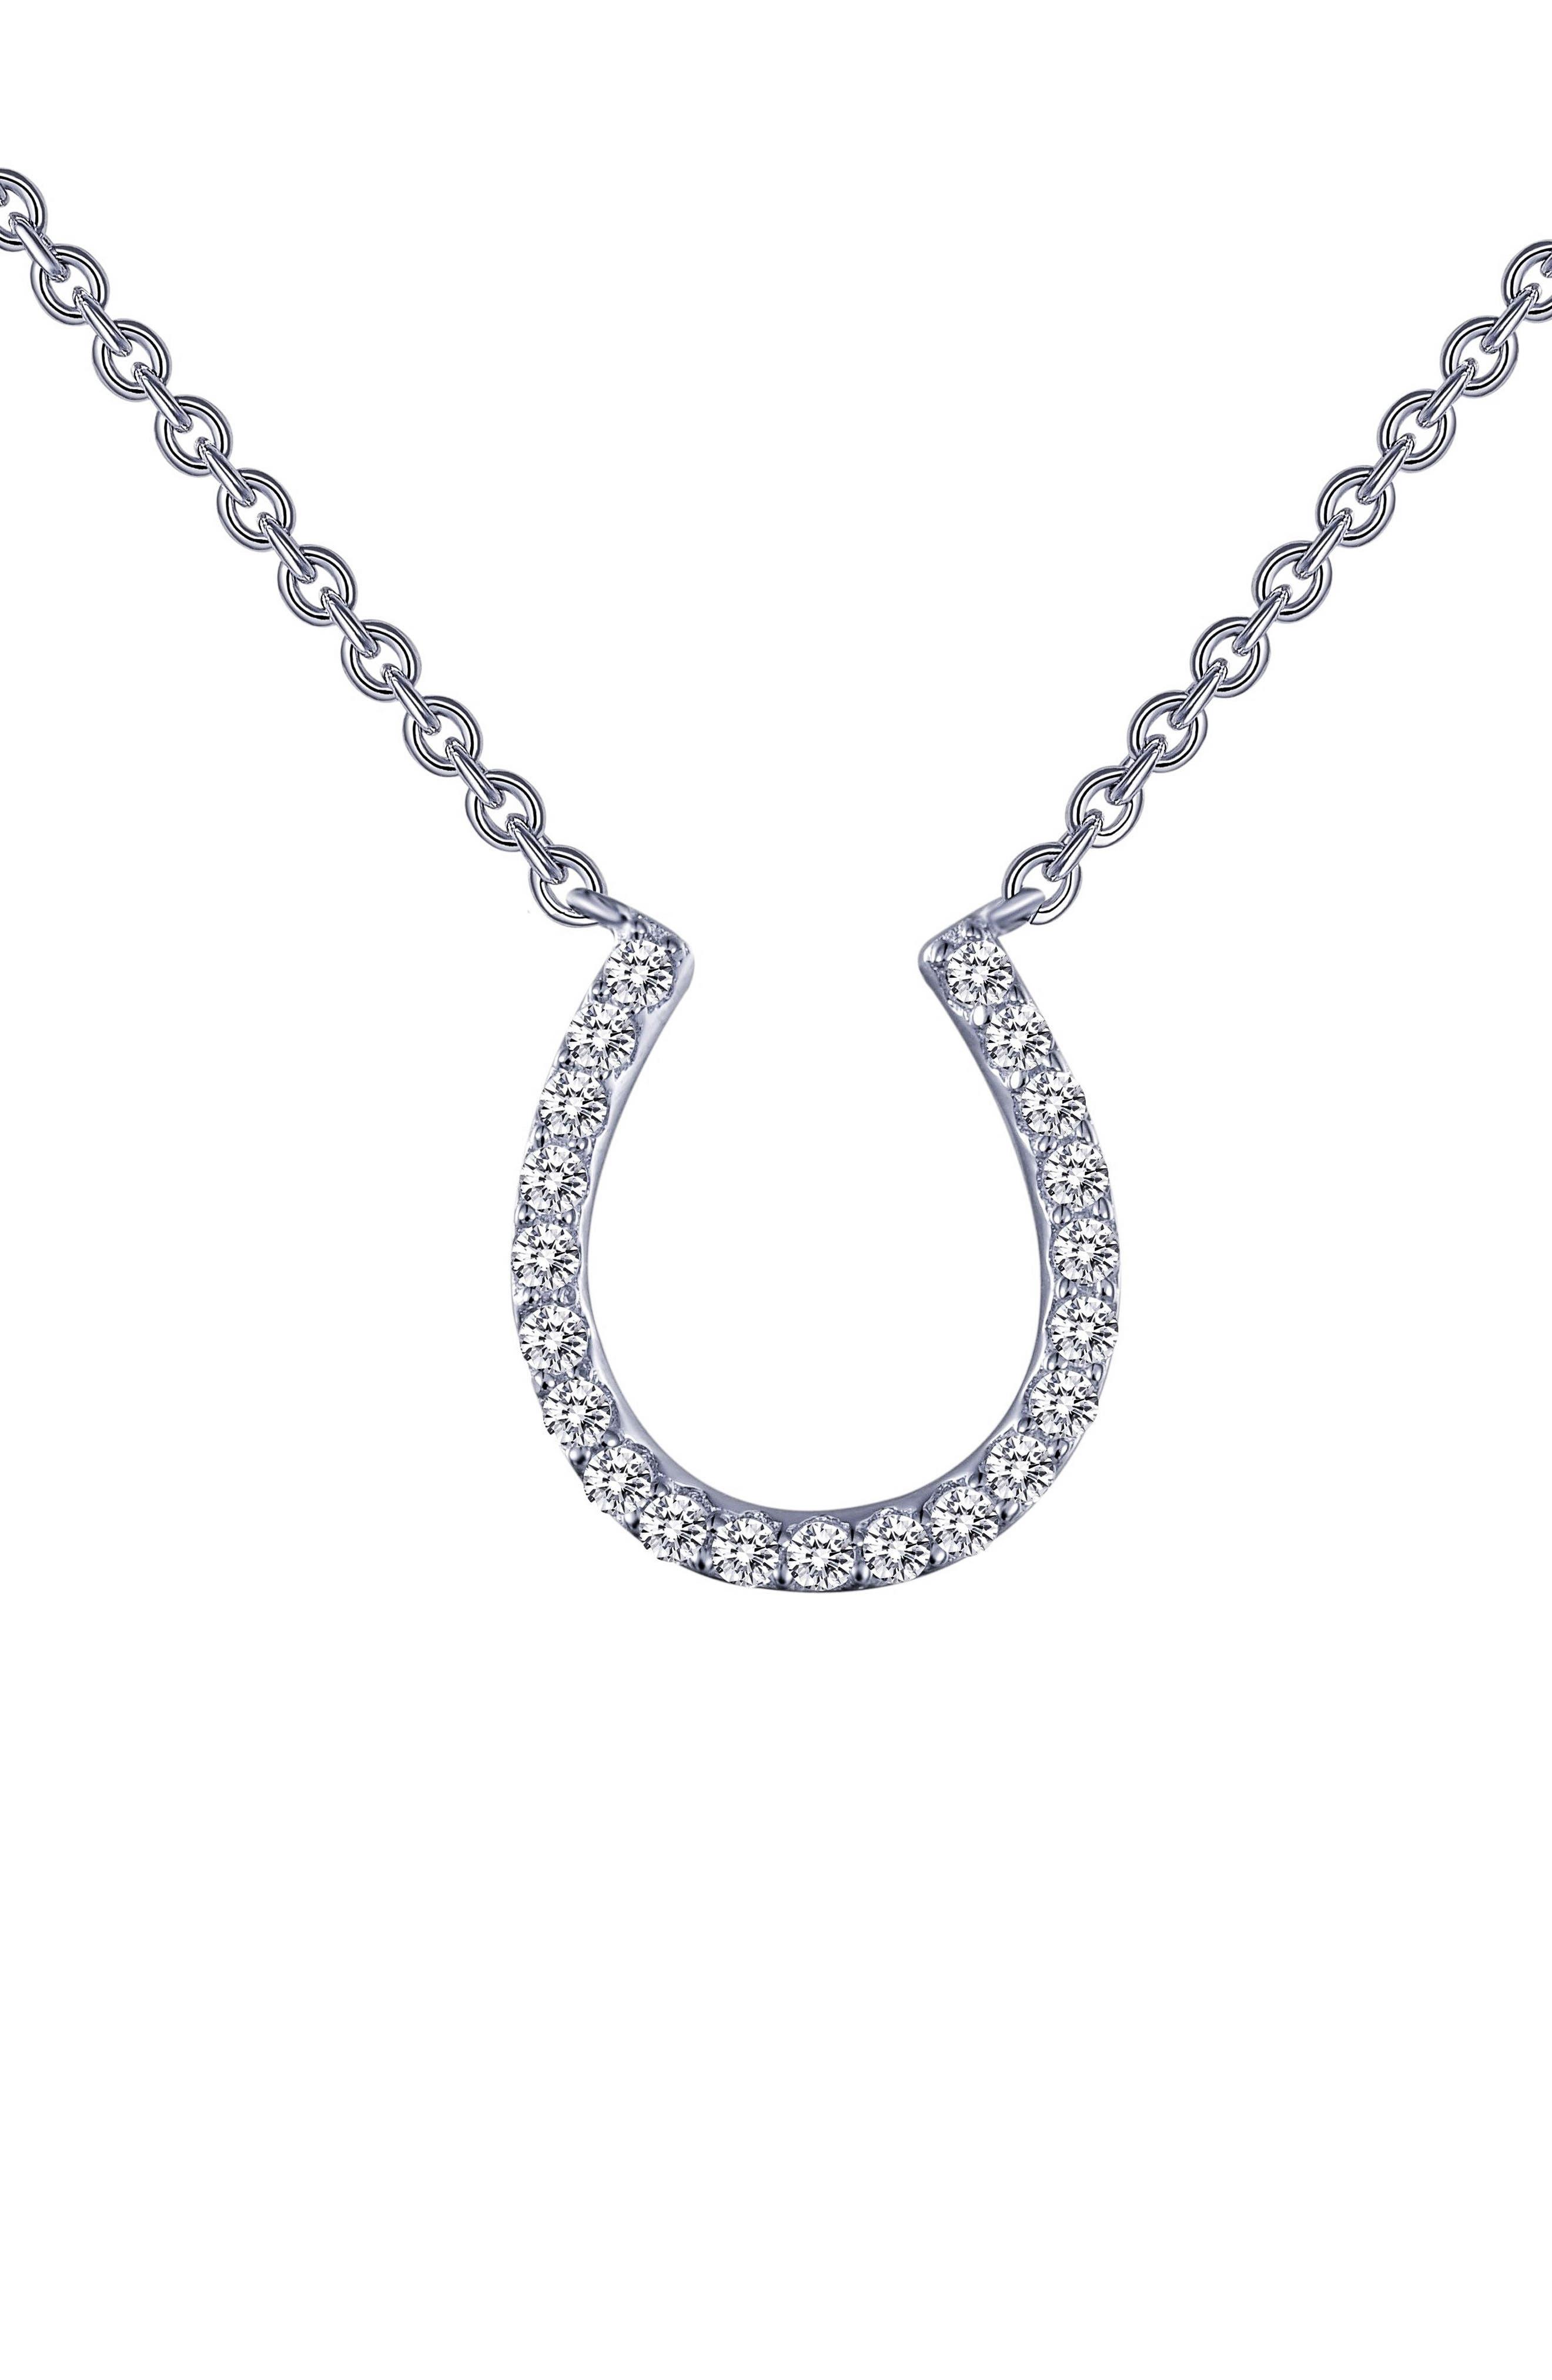 Horseshoe Simulated Diamond Pendant Necklace